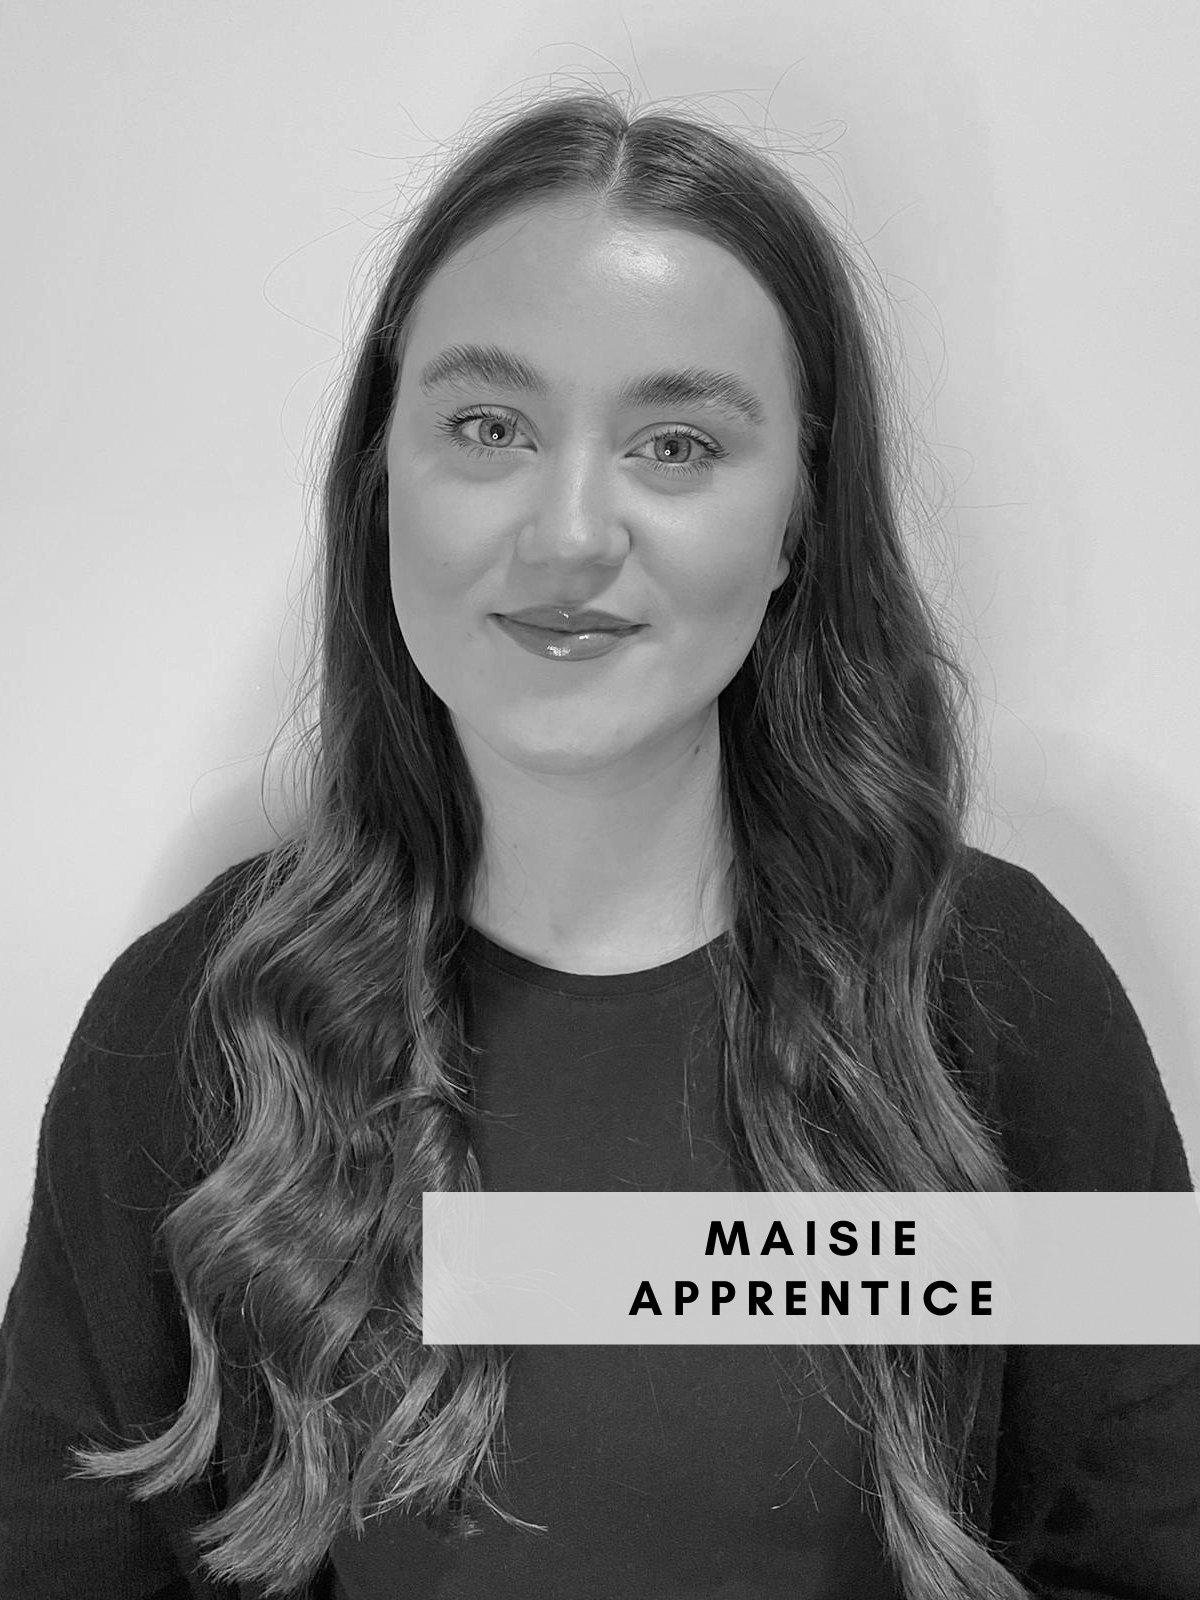 Maisie – Apprentice